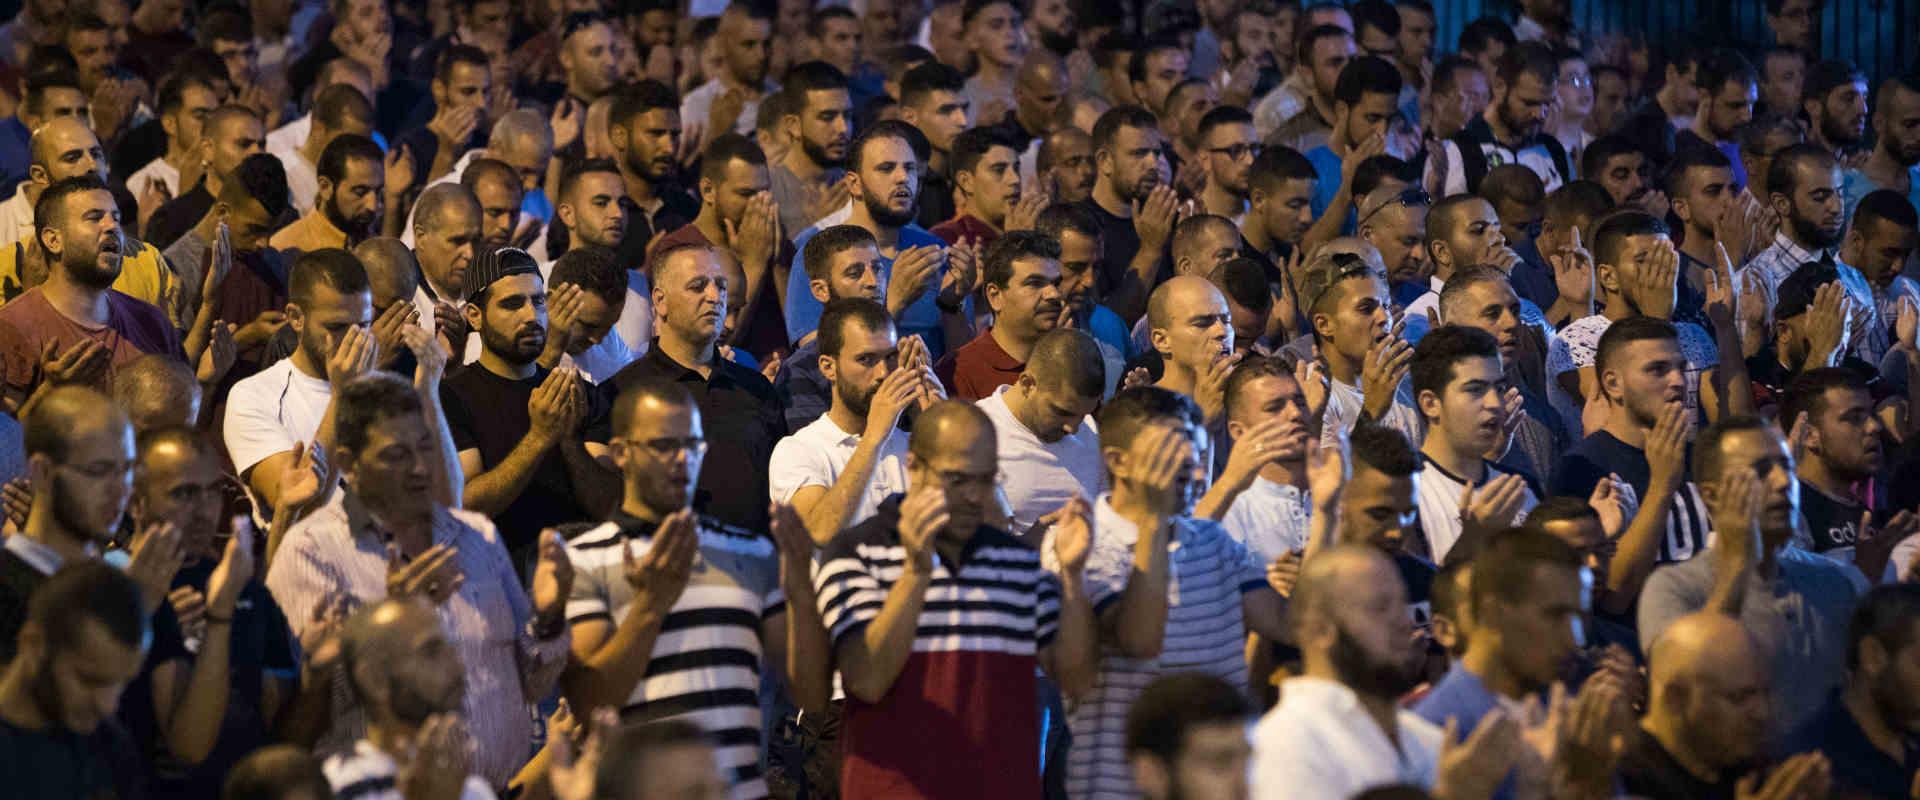 פלסטיינם מתפללים מחוץ להר-הבית